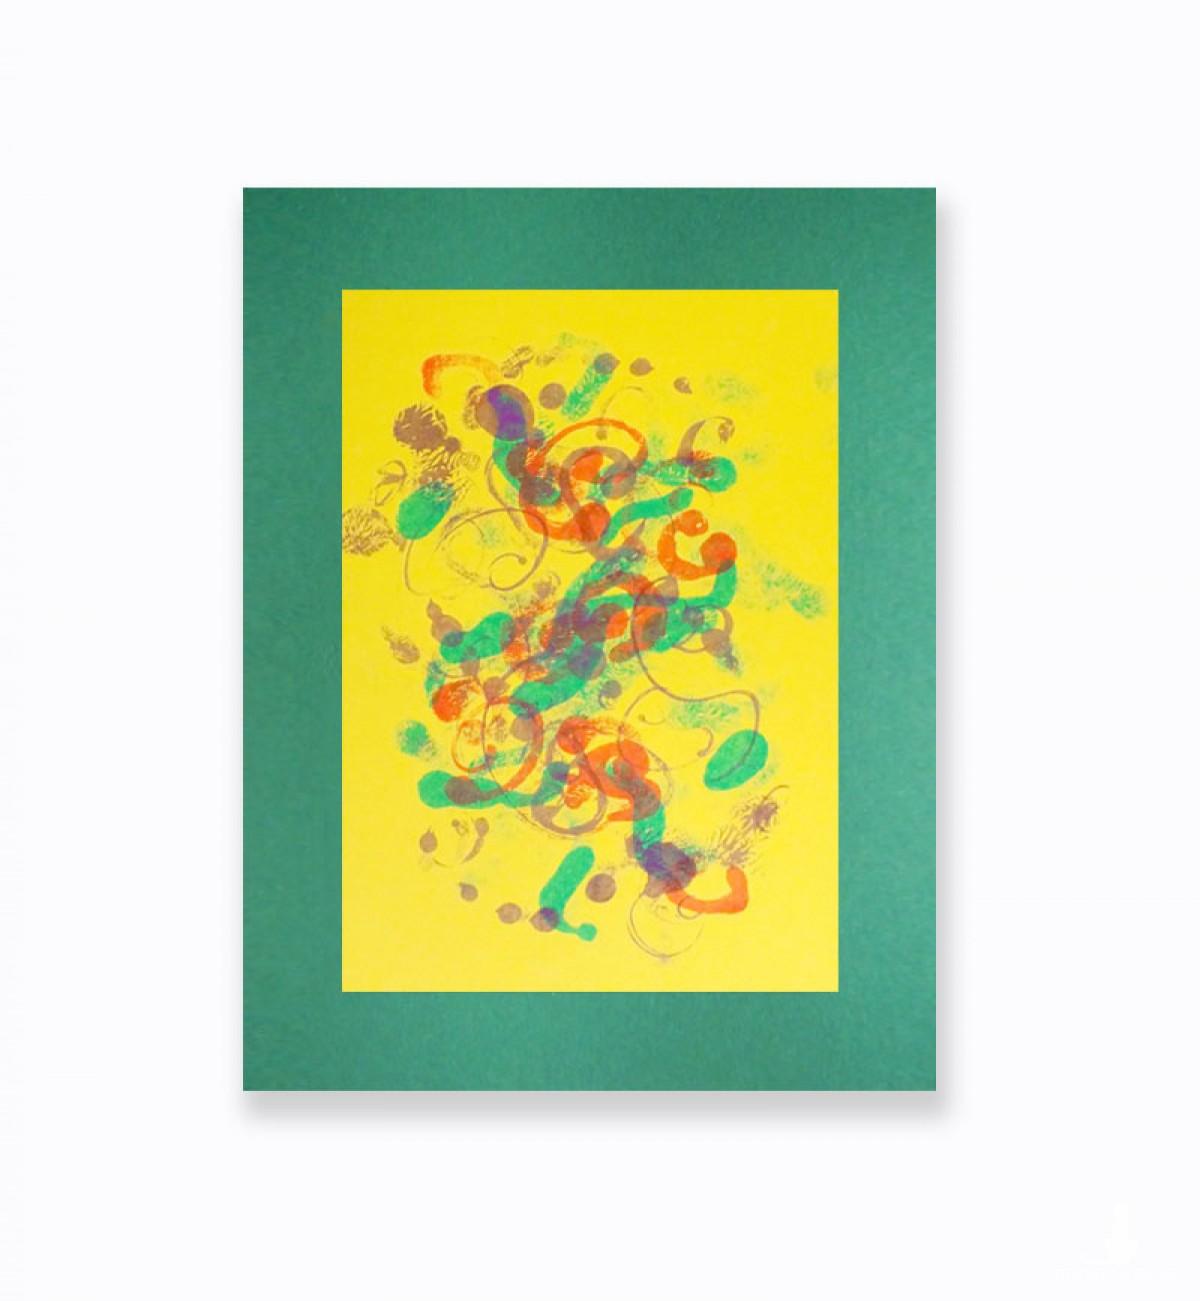 nowoczesna grafika na  ścianę, kolorowa abstrakcja do pokoju, obraz do loftu, minimalizm dekoracja